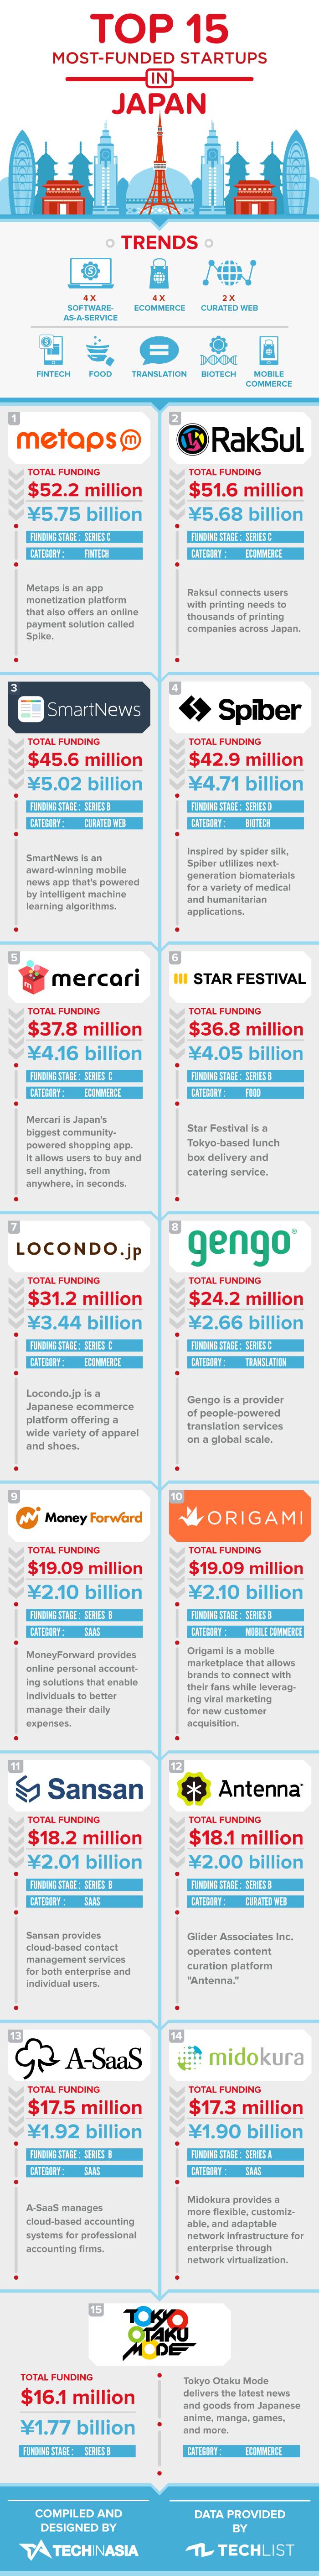 infografía-startups-japon